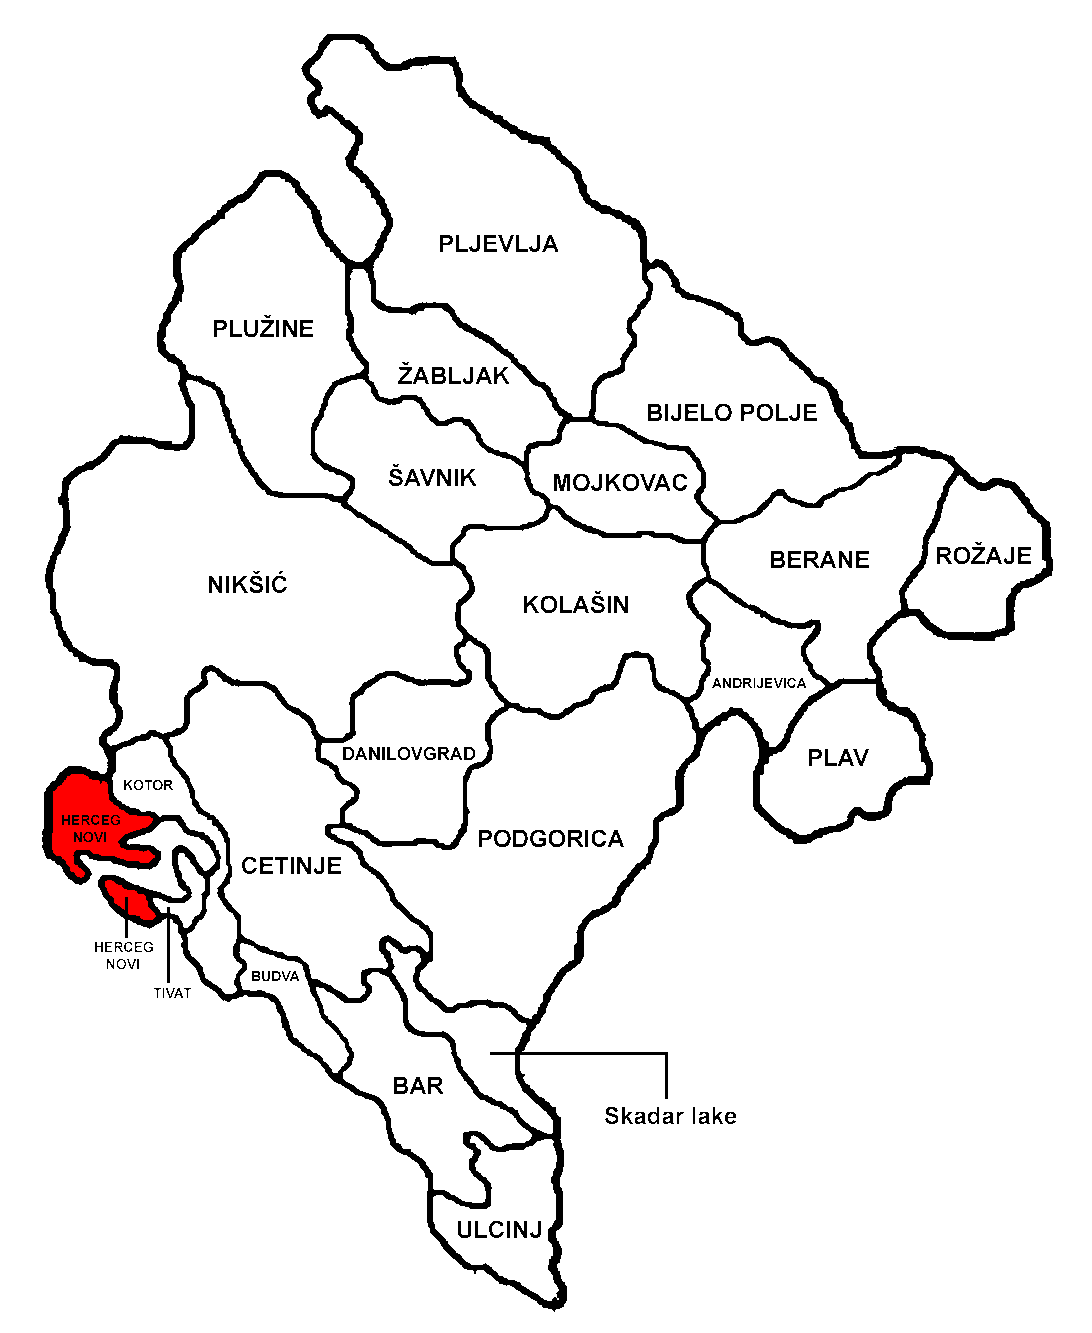 Katastar herceg novi mapa